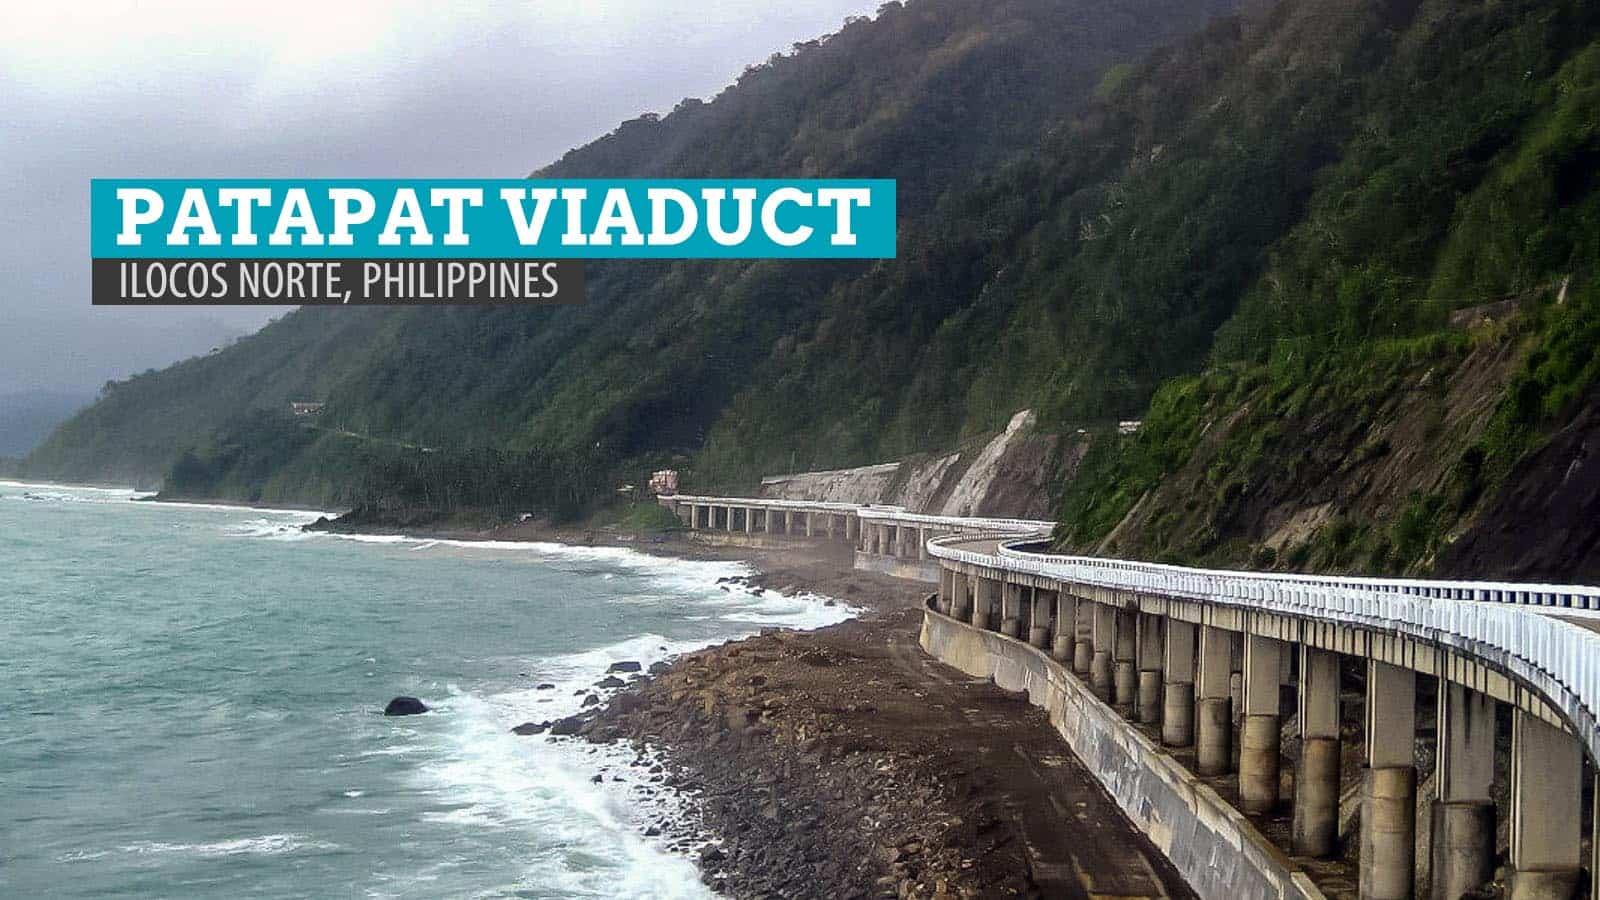 Patapat Viaduct: Pagudpud, Ilocos Norte, Philippines